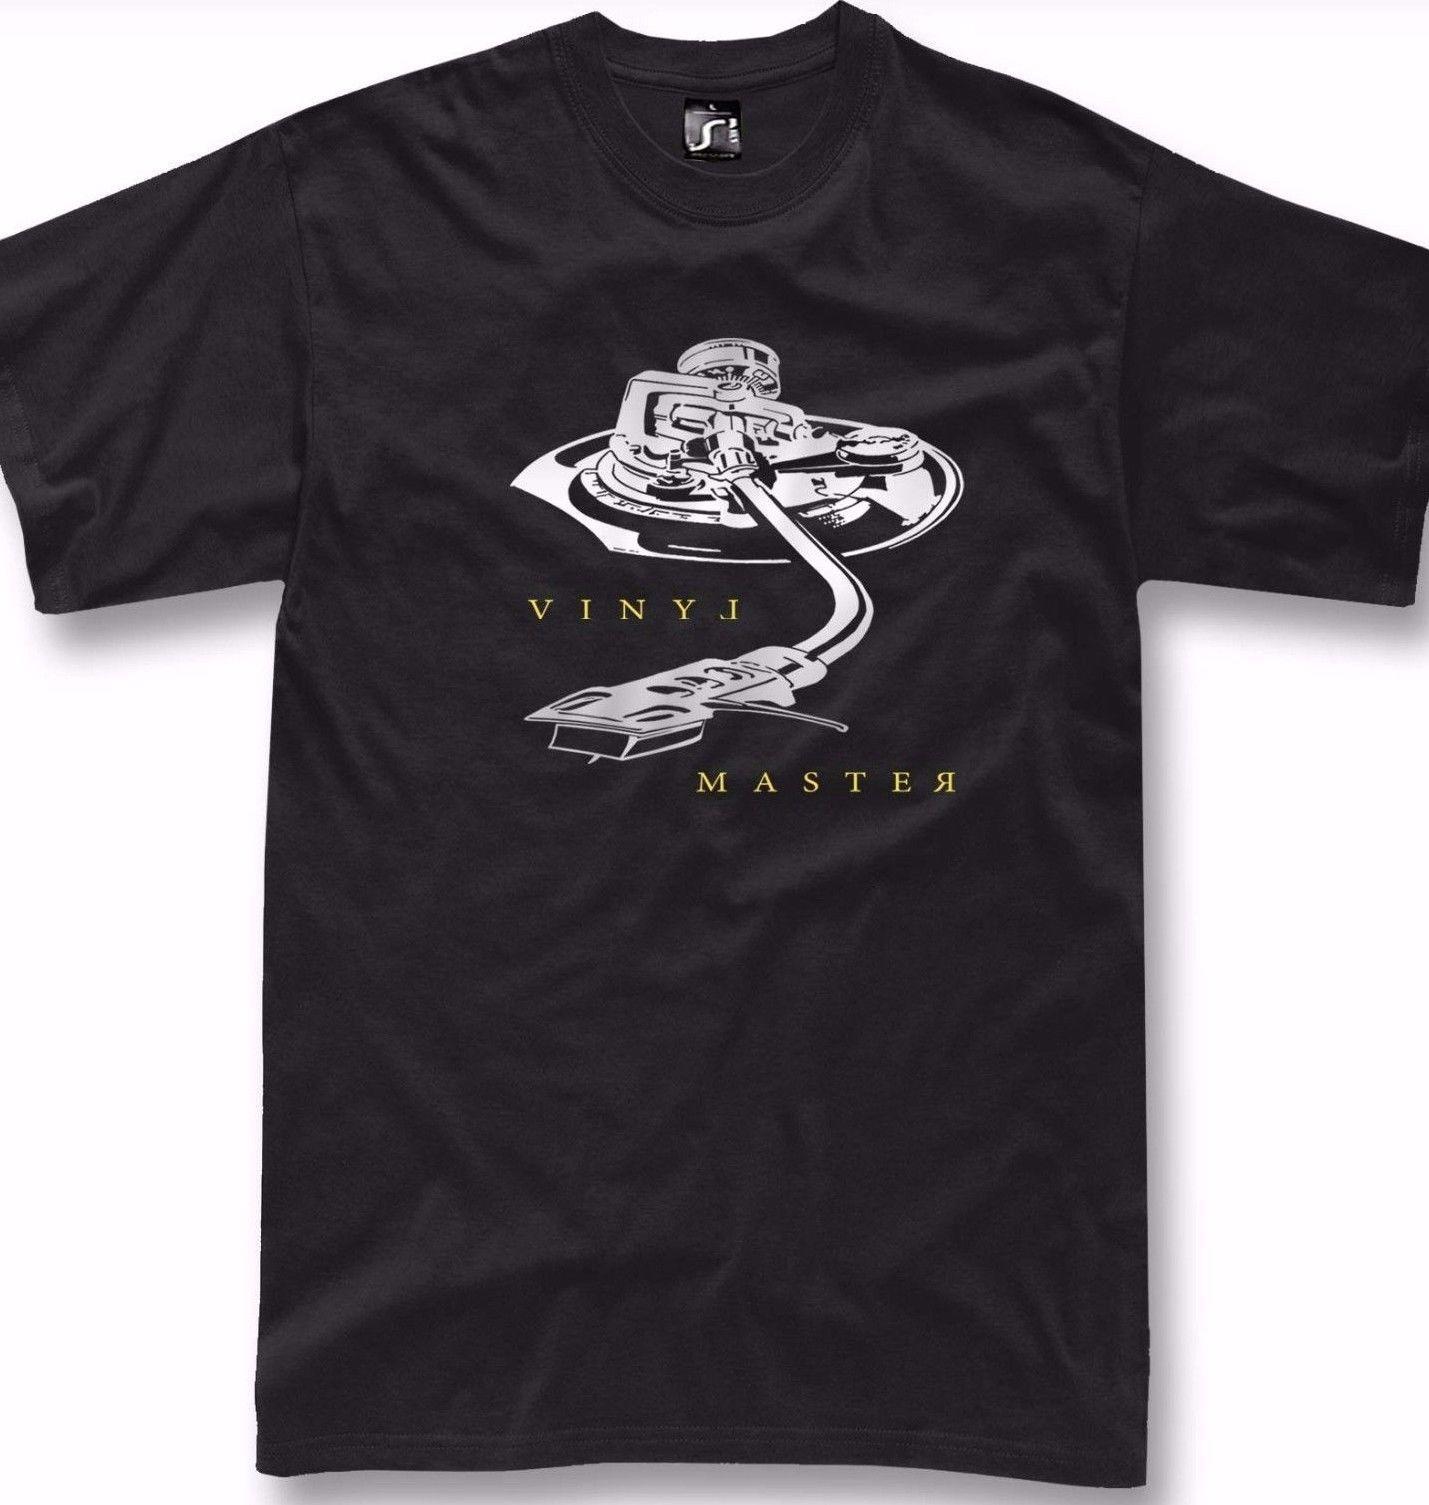 Technics Acquista Deejay Hip Hop T Shirt Retro Vinyl Master Dj Rap dhrstQC